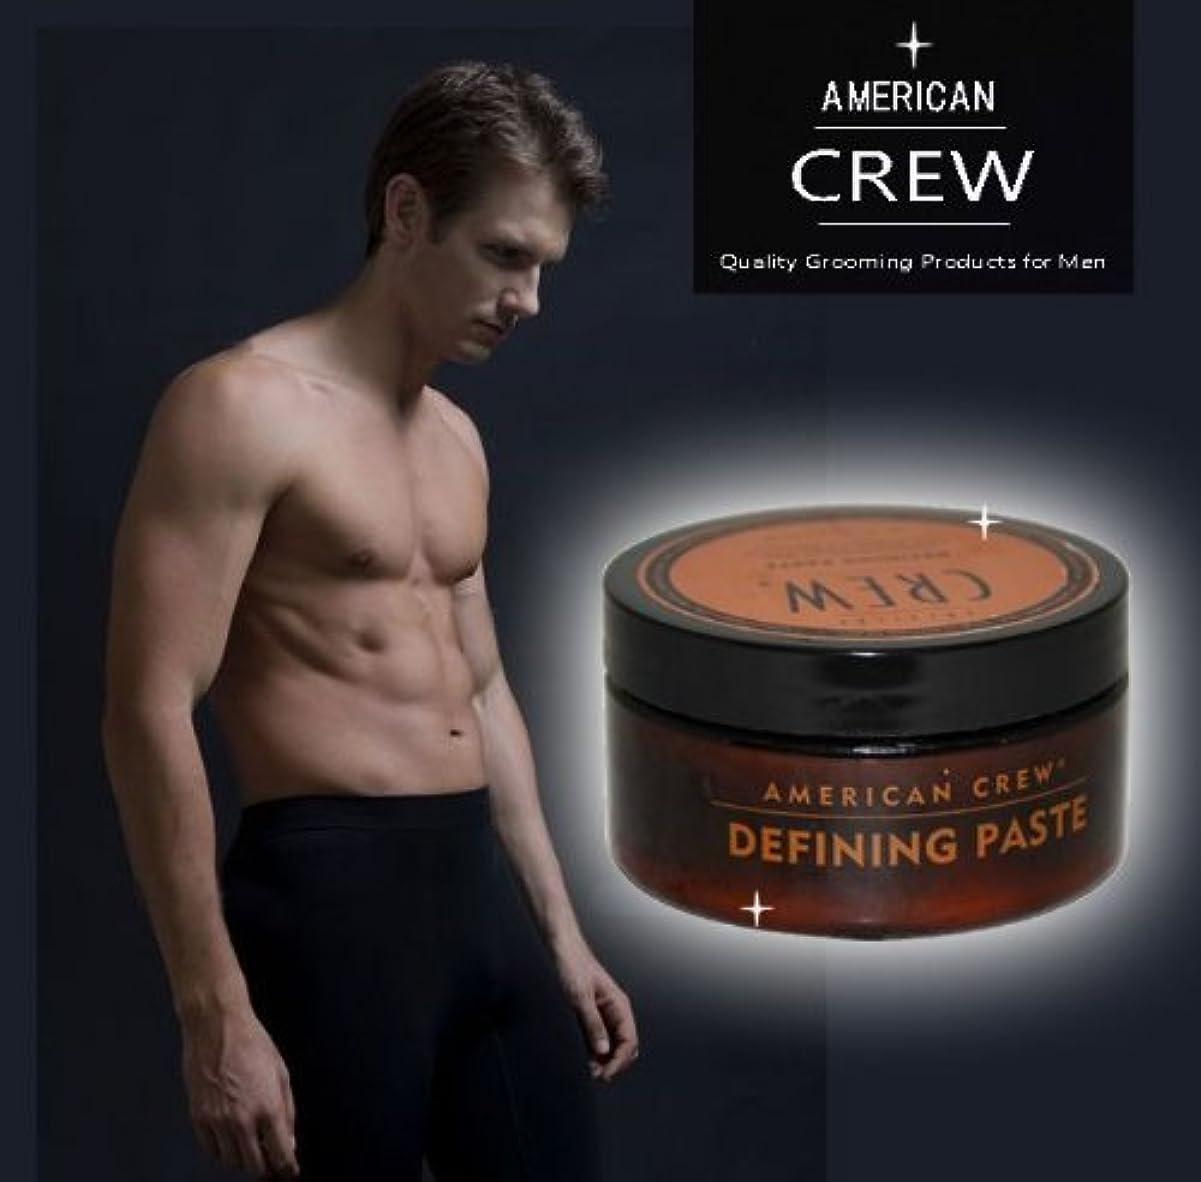 解決するお香罹患率American Crew アメリカンクルー クラシック ディファイニング ペースト 85g